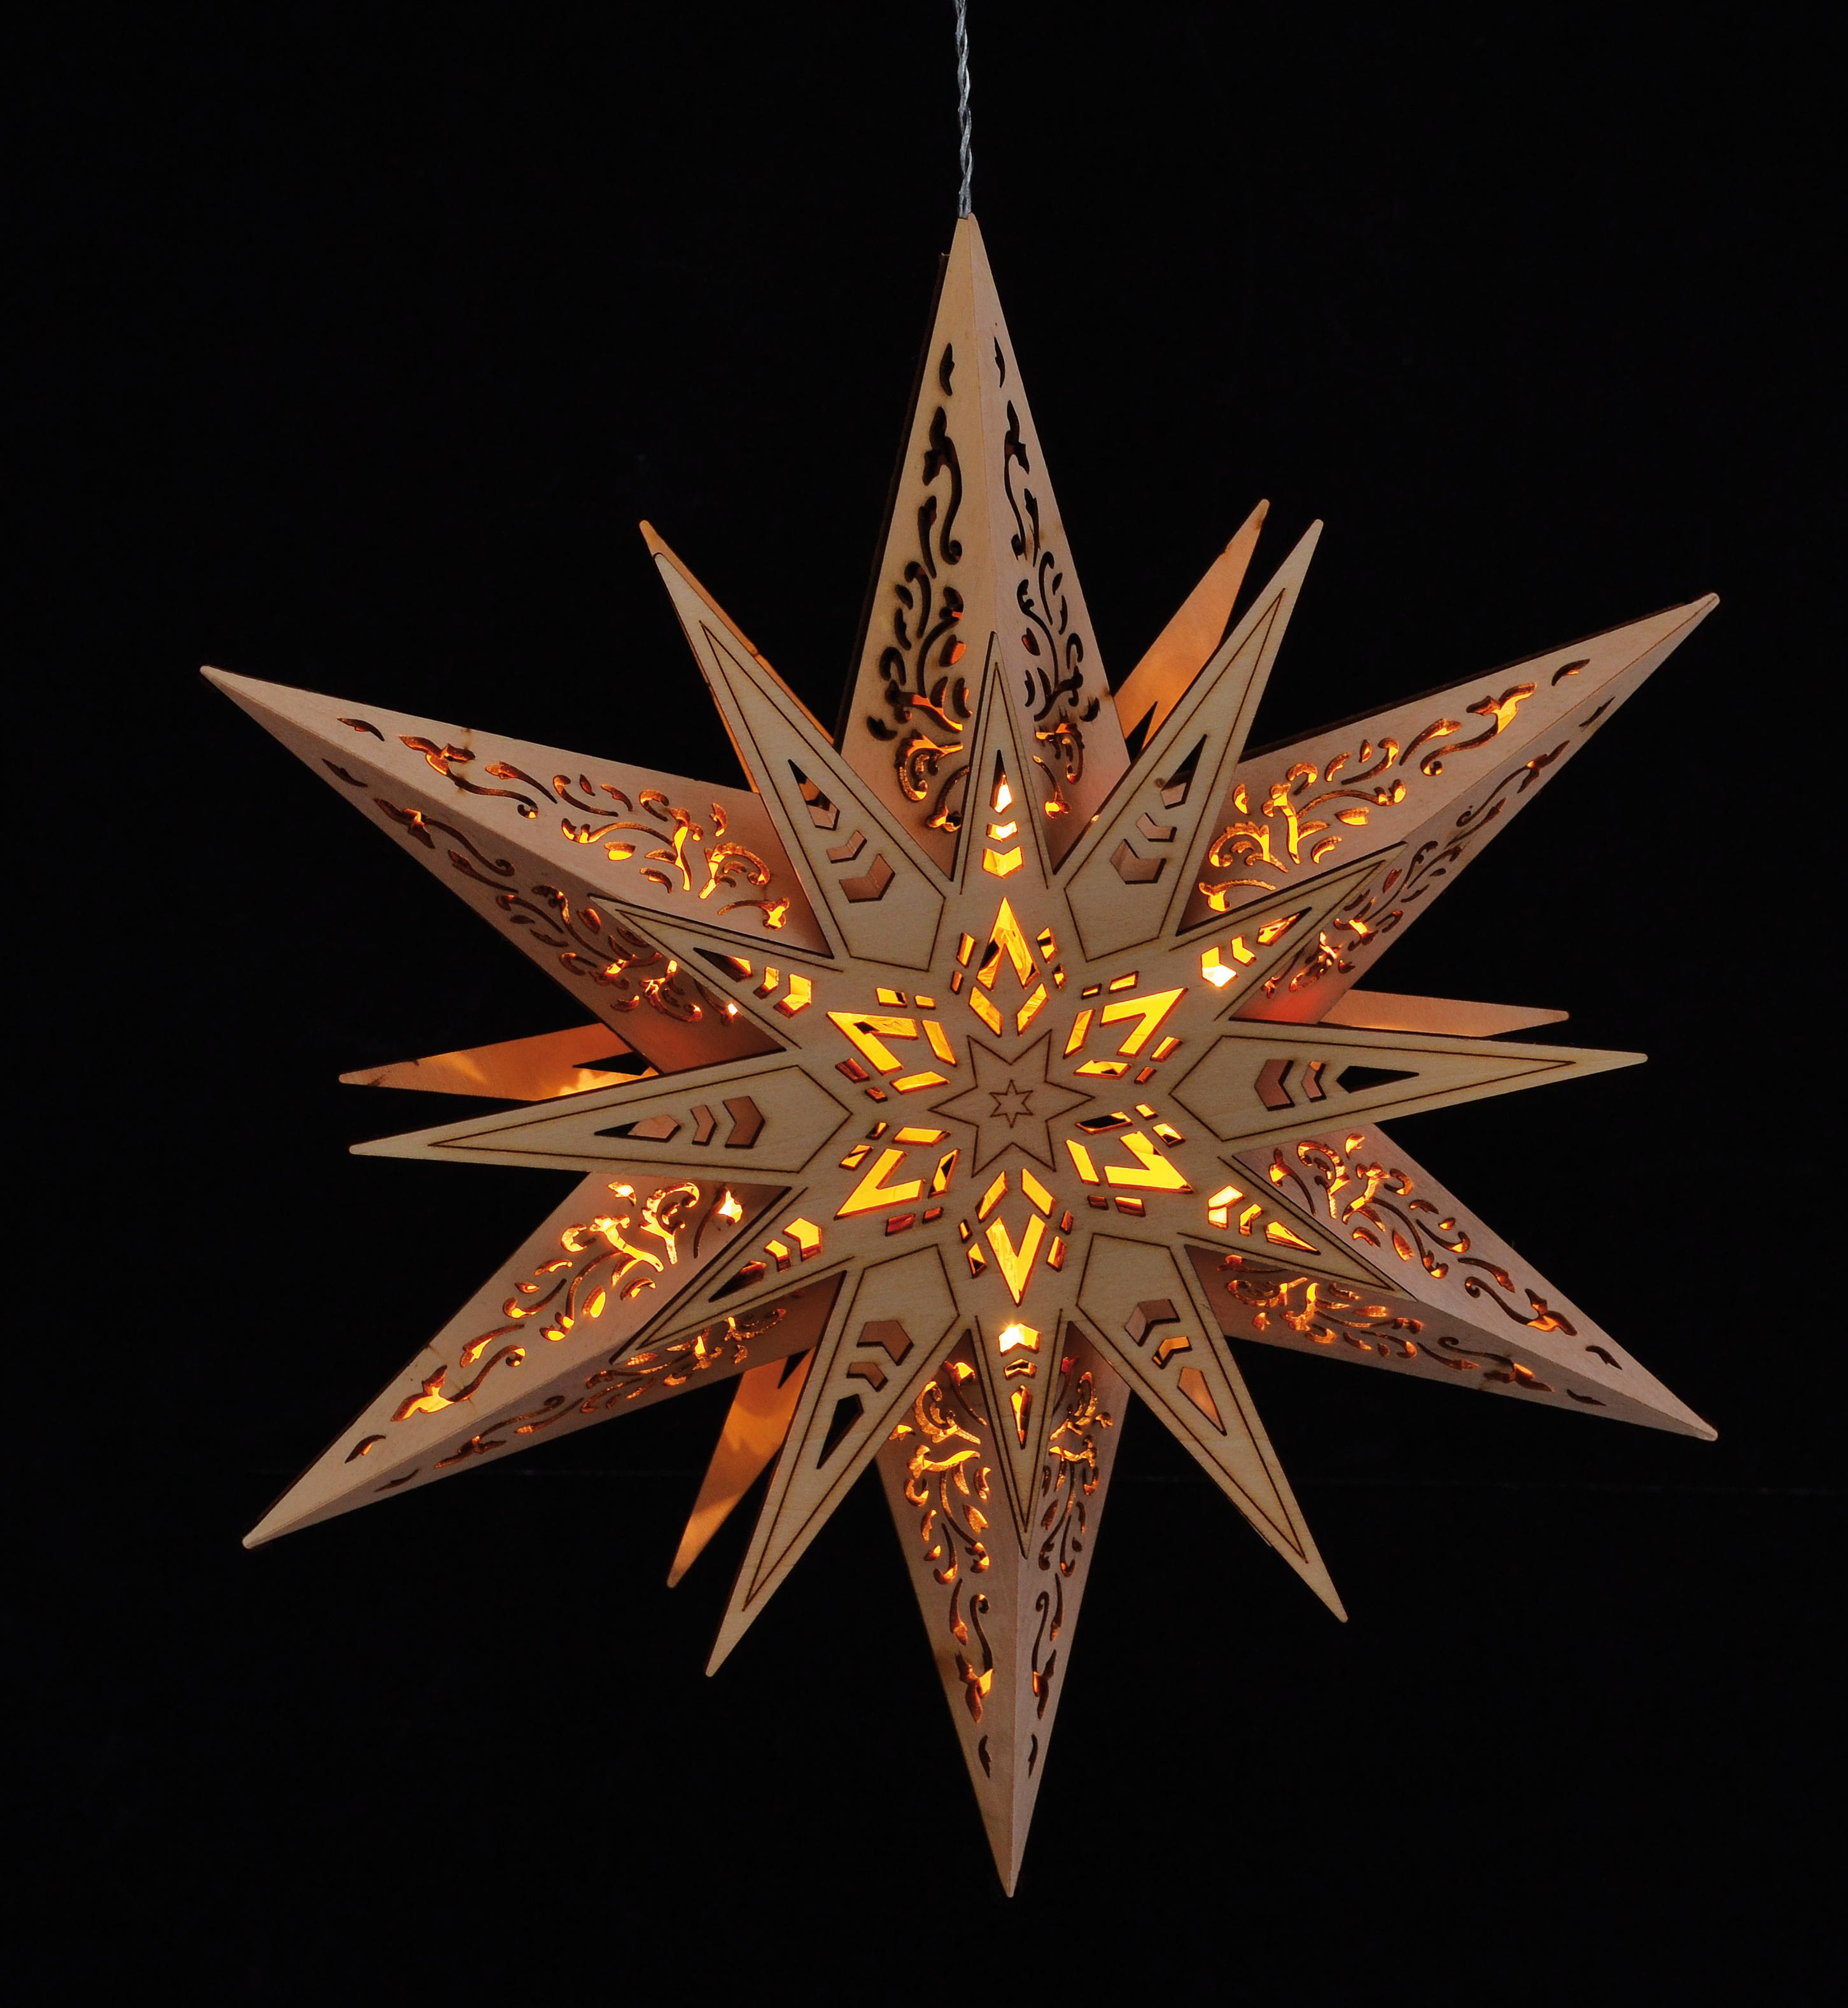 holzstern leuchtstern weihnachtsstern fensterbild. Black Bedroom Furniture Sets. Home Design Ideas